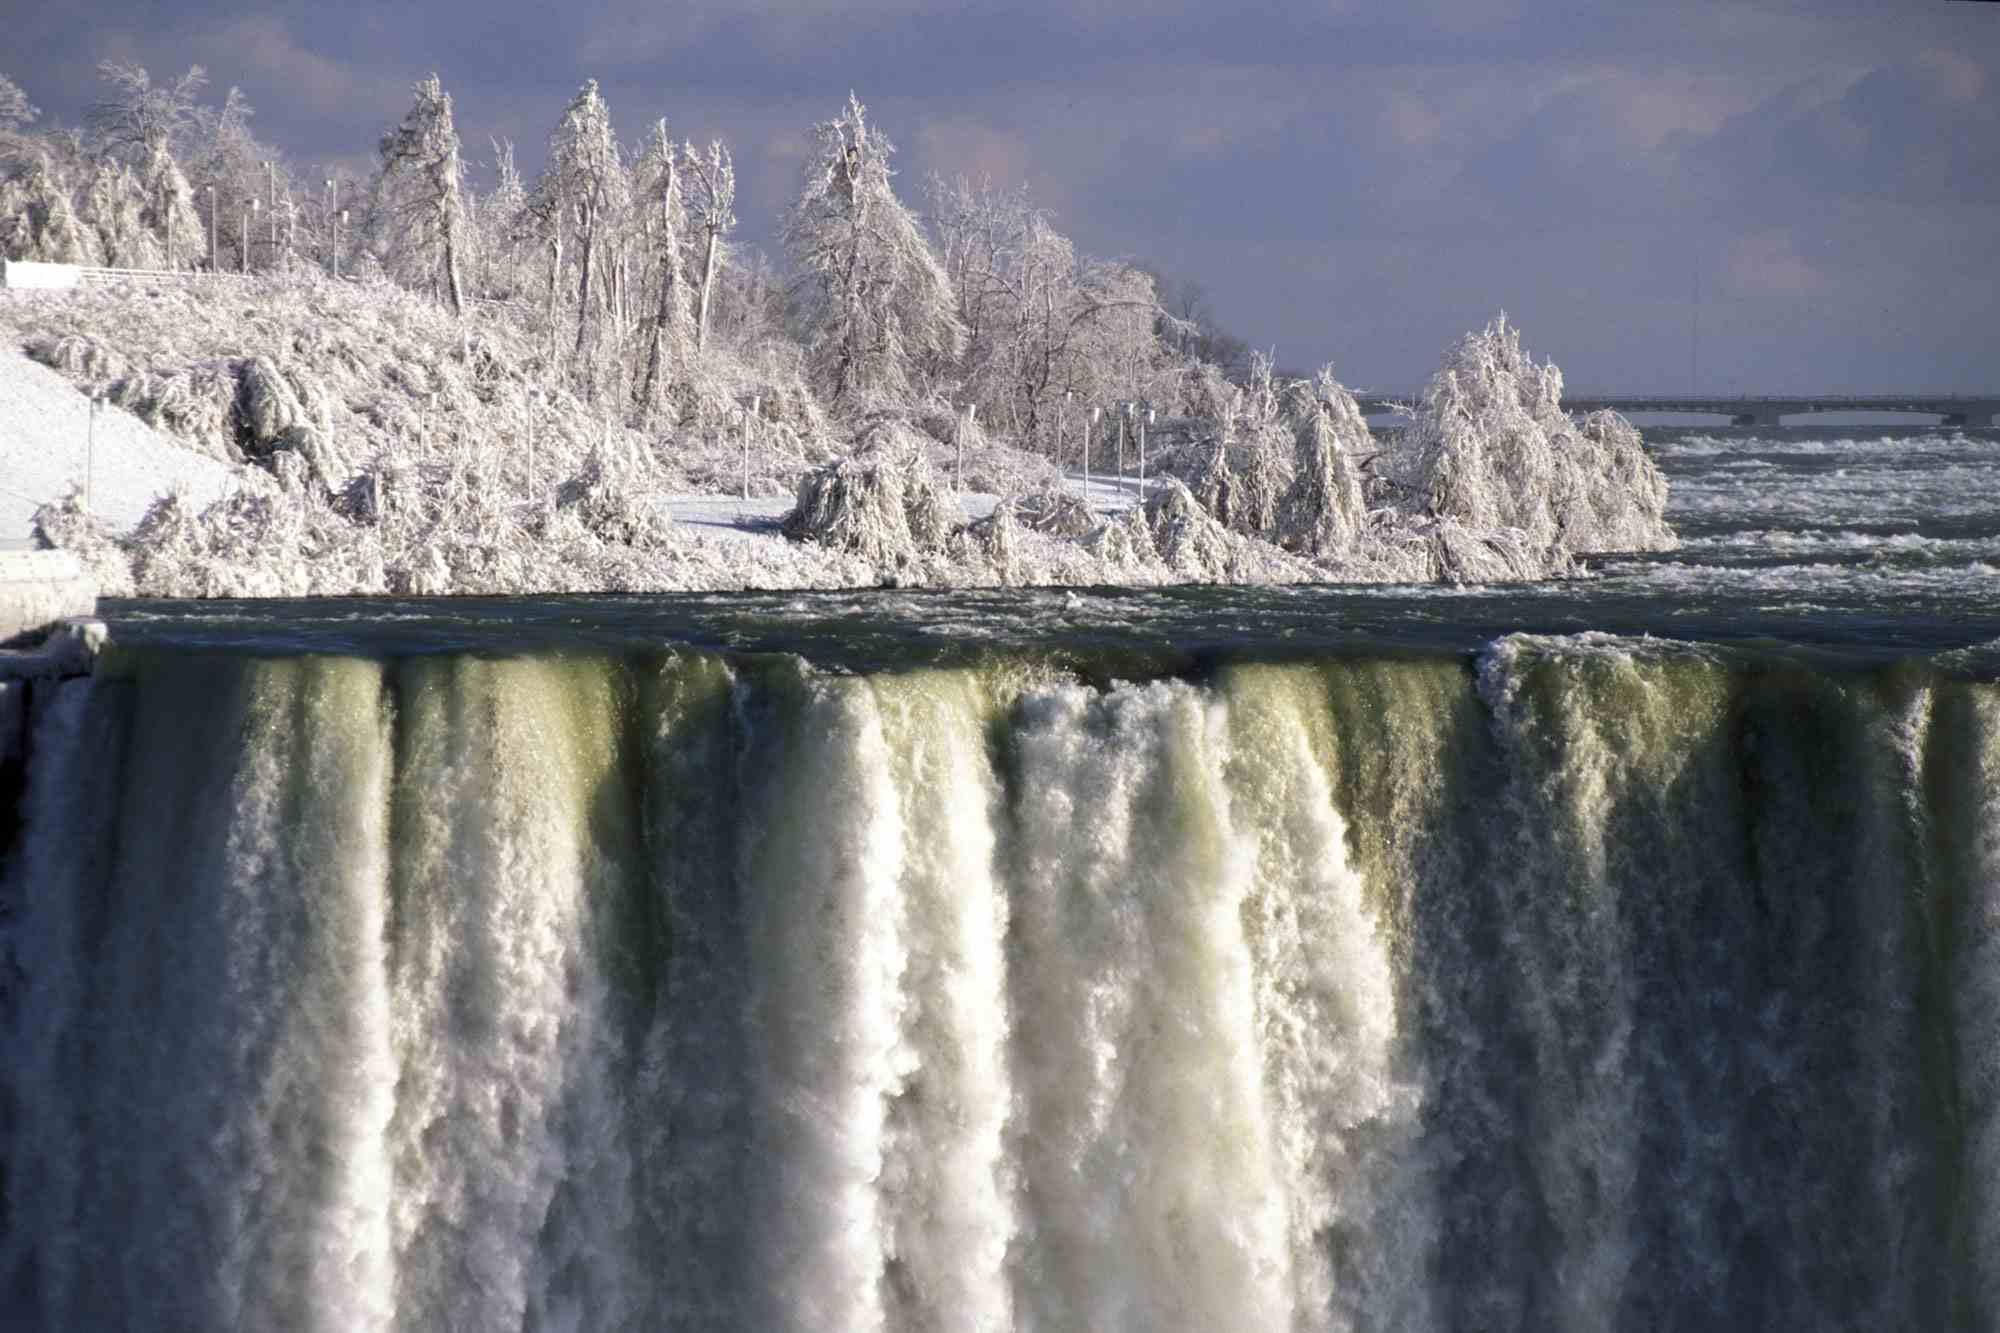 Niagara Falls at winter